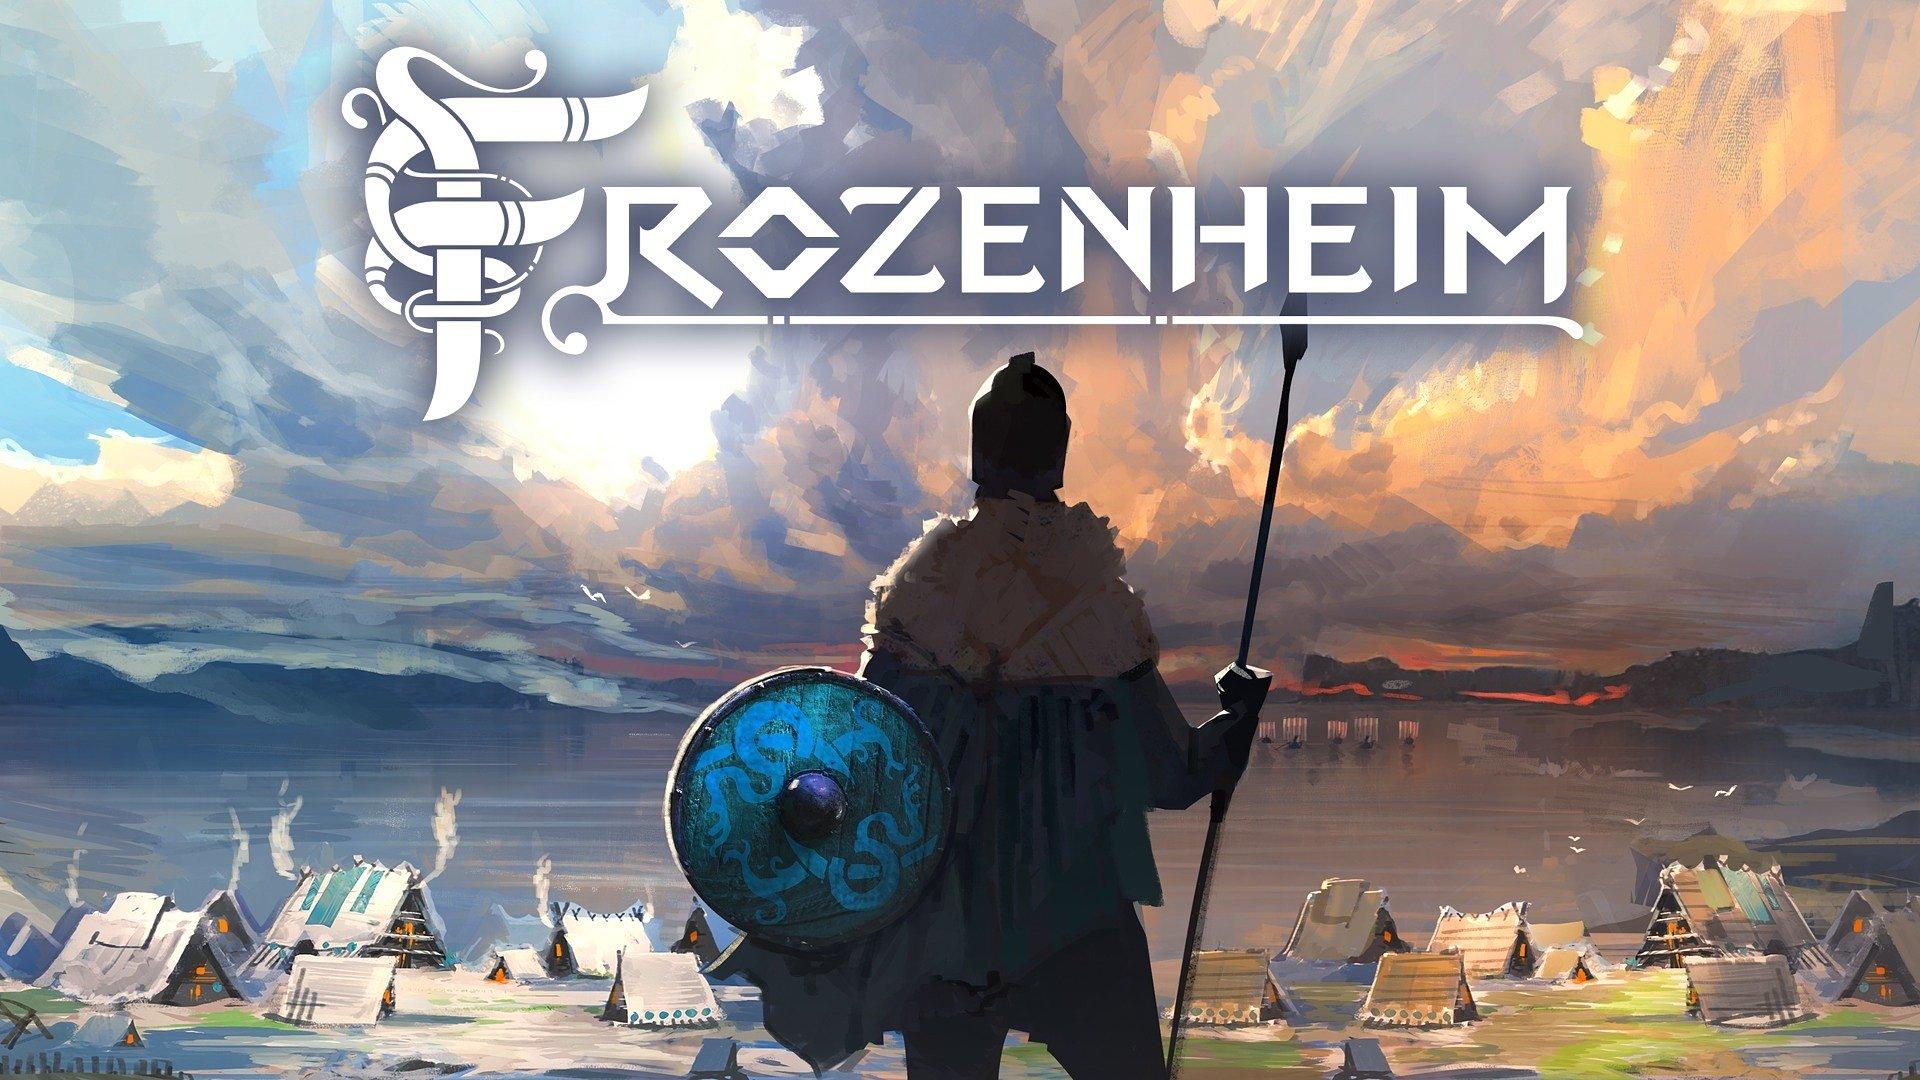 Twoja saga rozpoczyna się dzisiaj - Frozenheim już teraz dostępny we Wczesnym Dostępie Steam.